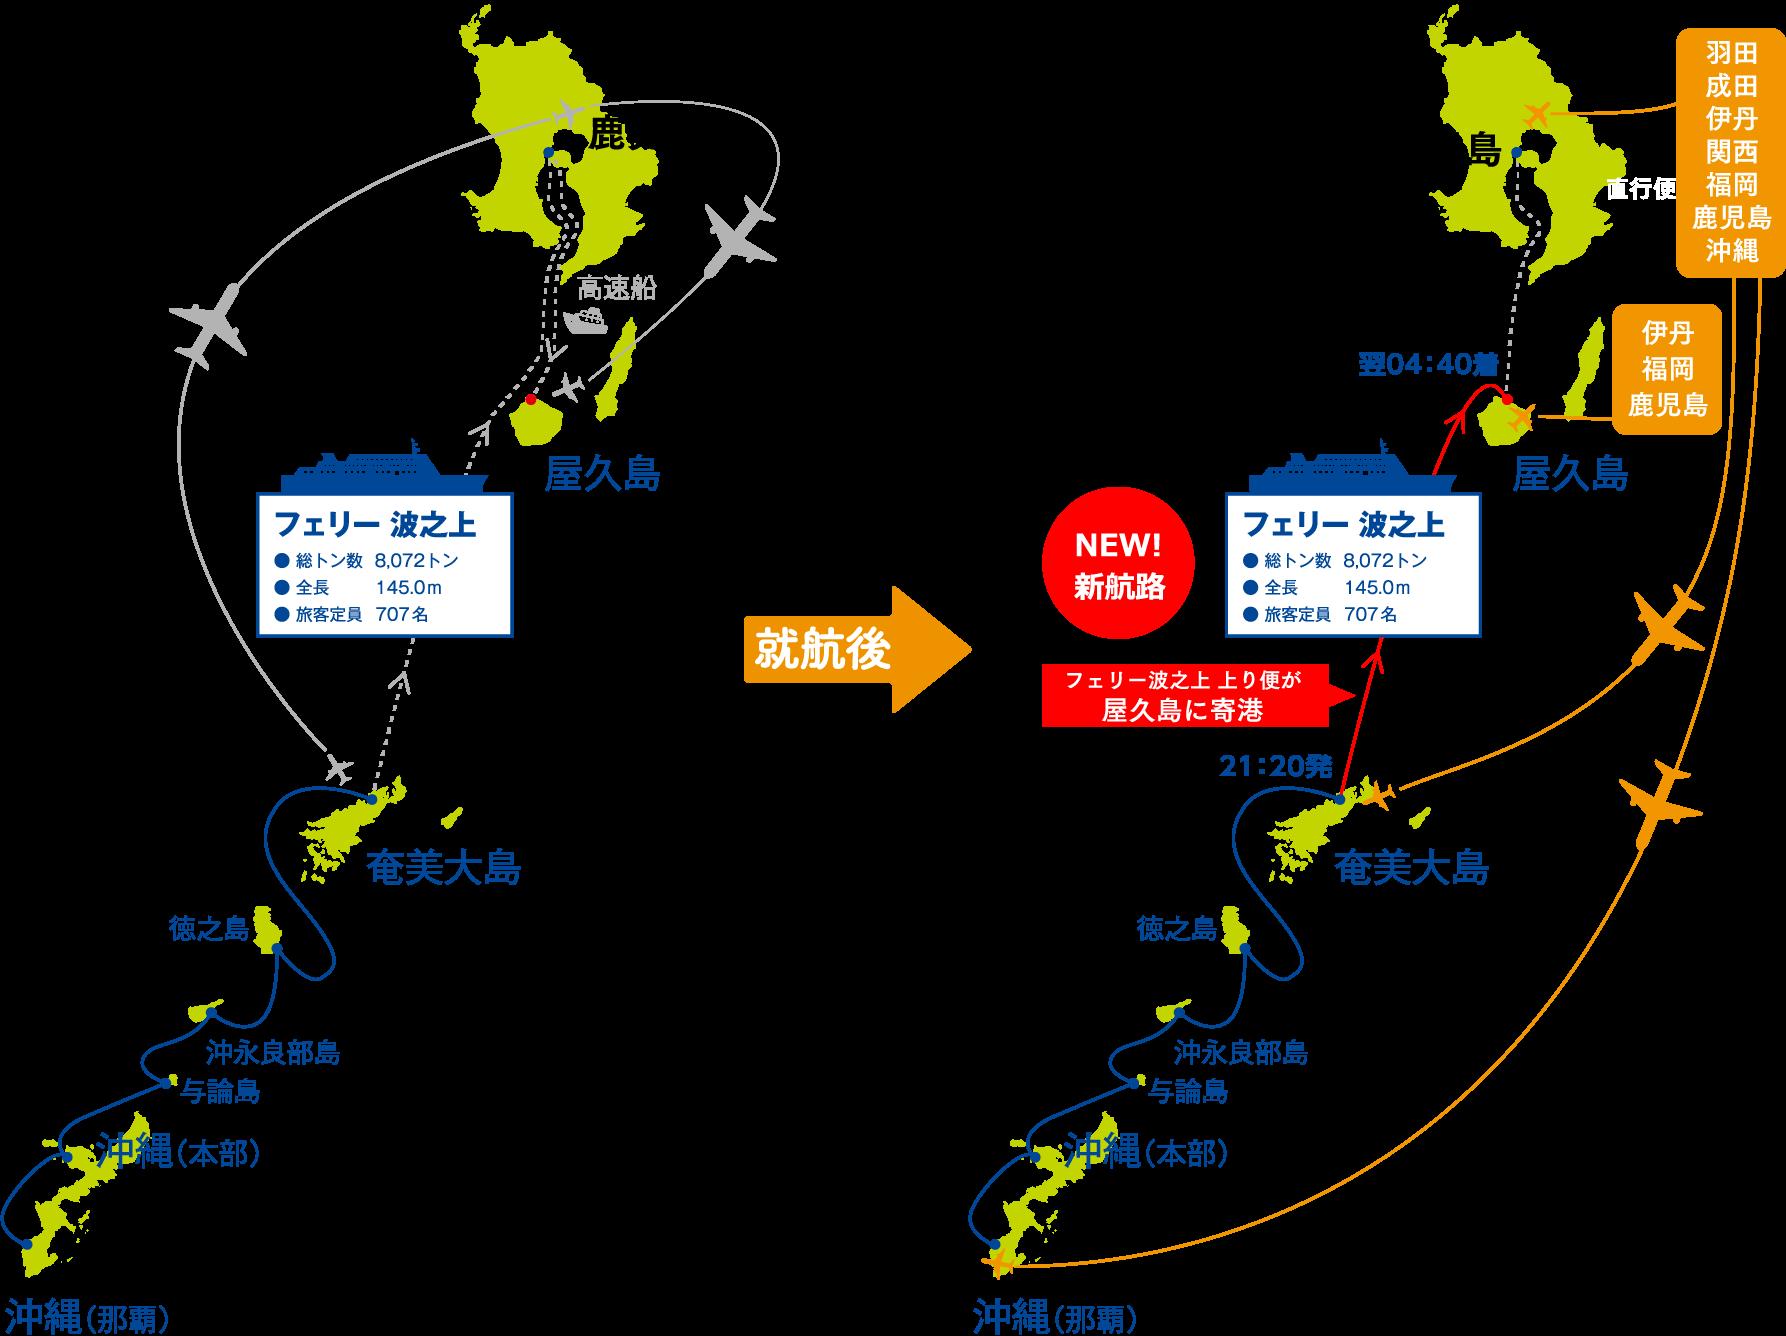 沖縄本島(那覇・本部)→奄美各島経由→屋久島(宮之浦港)→鹿児島新港